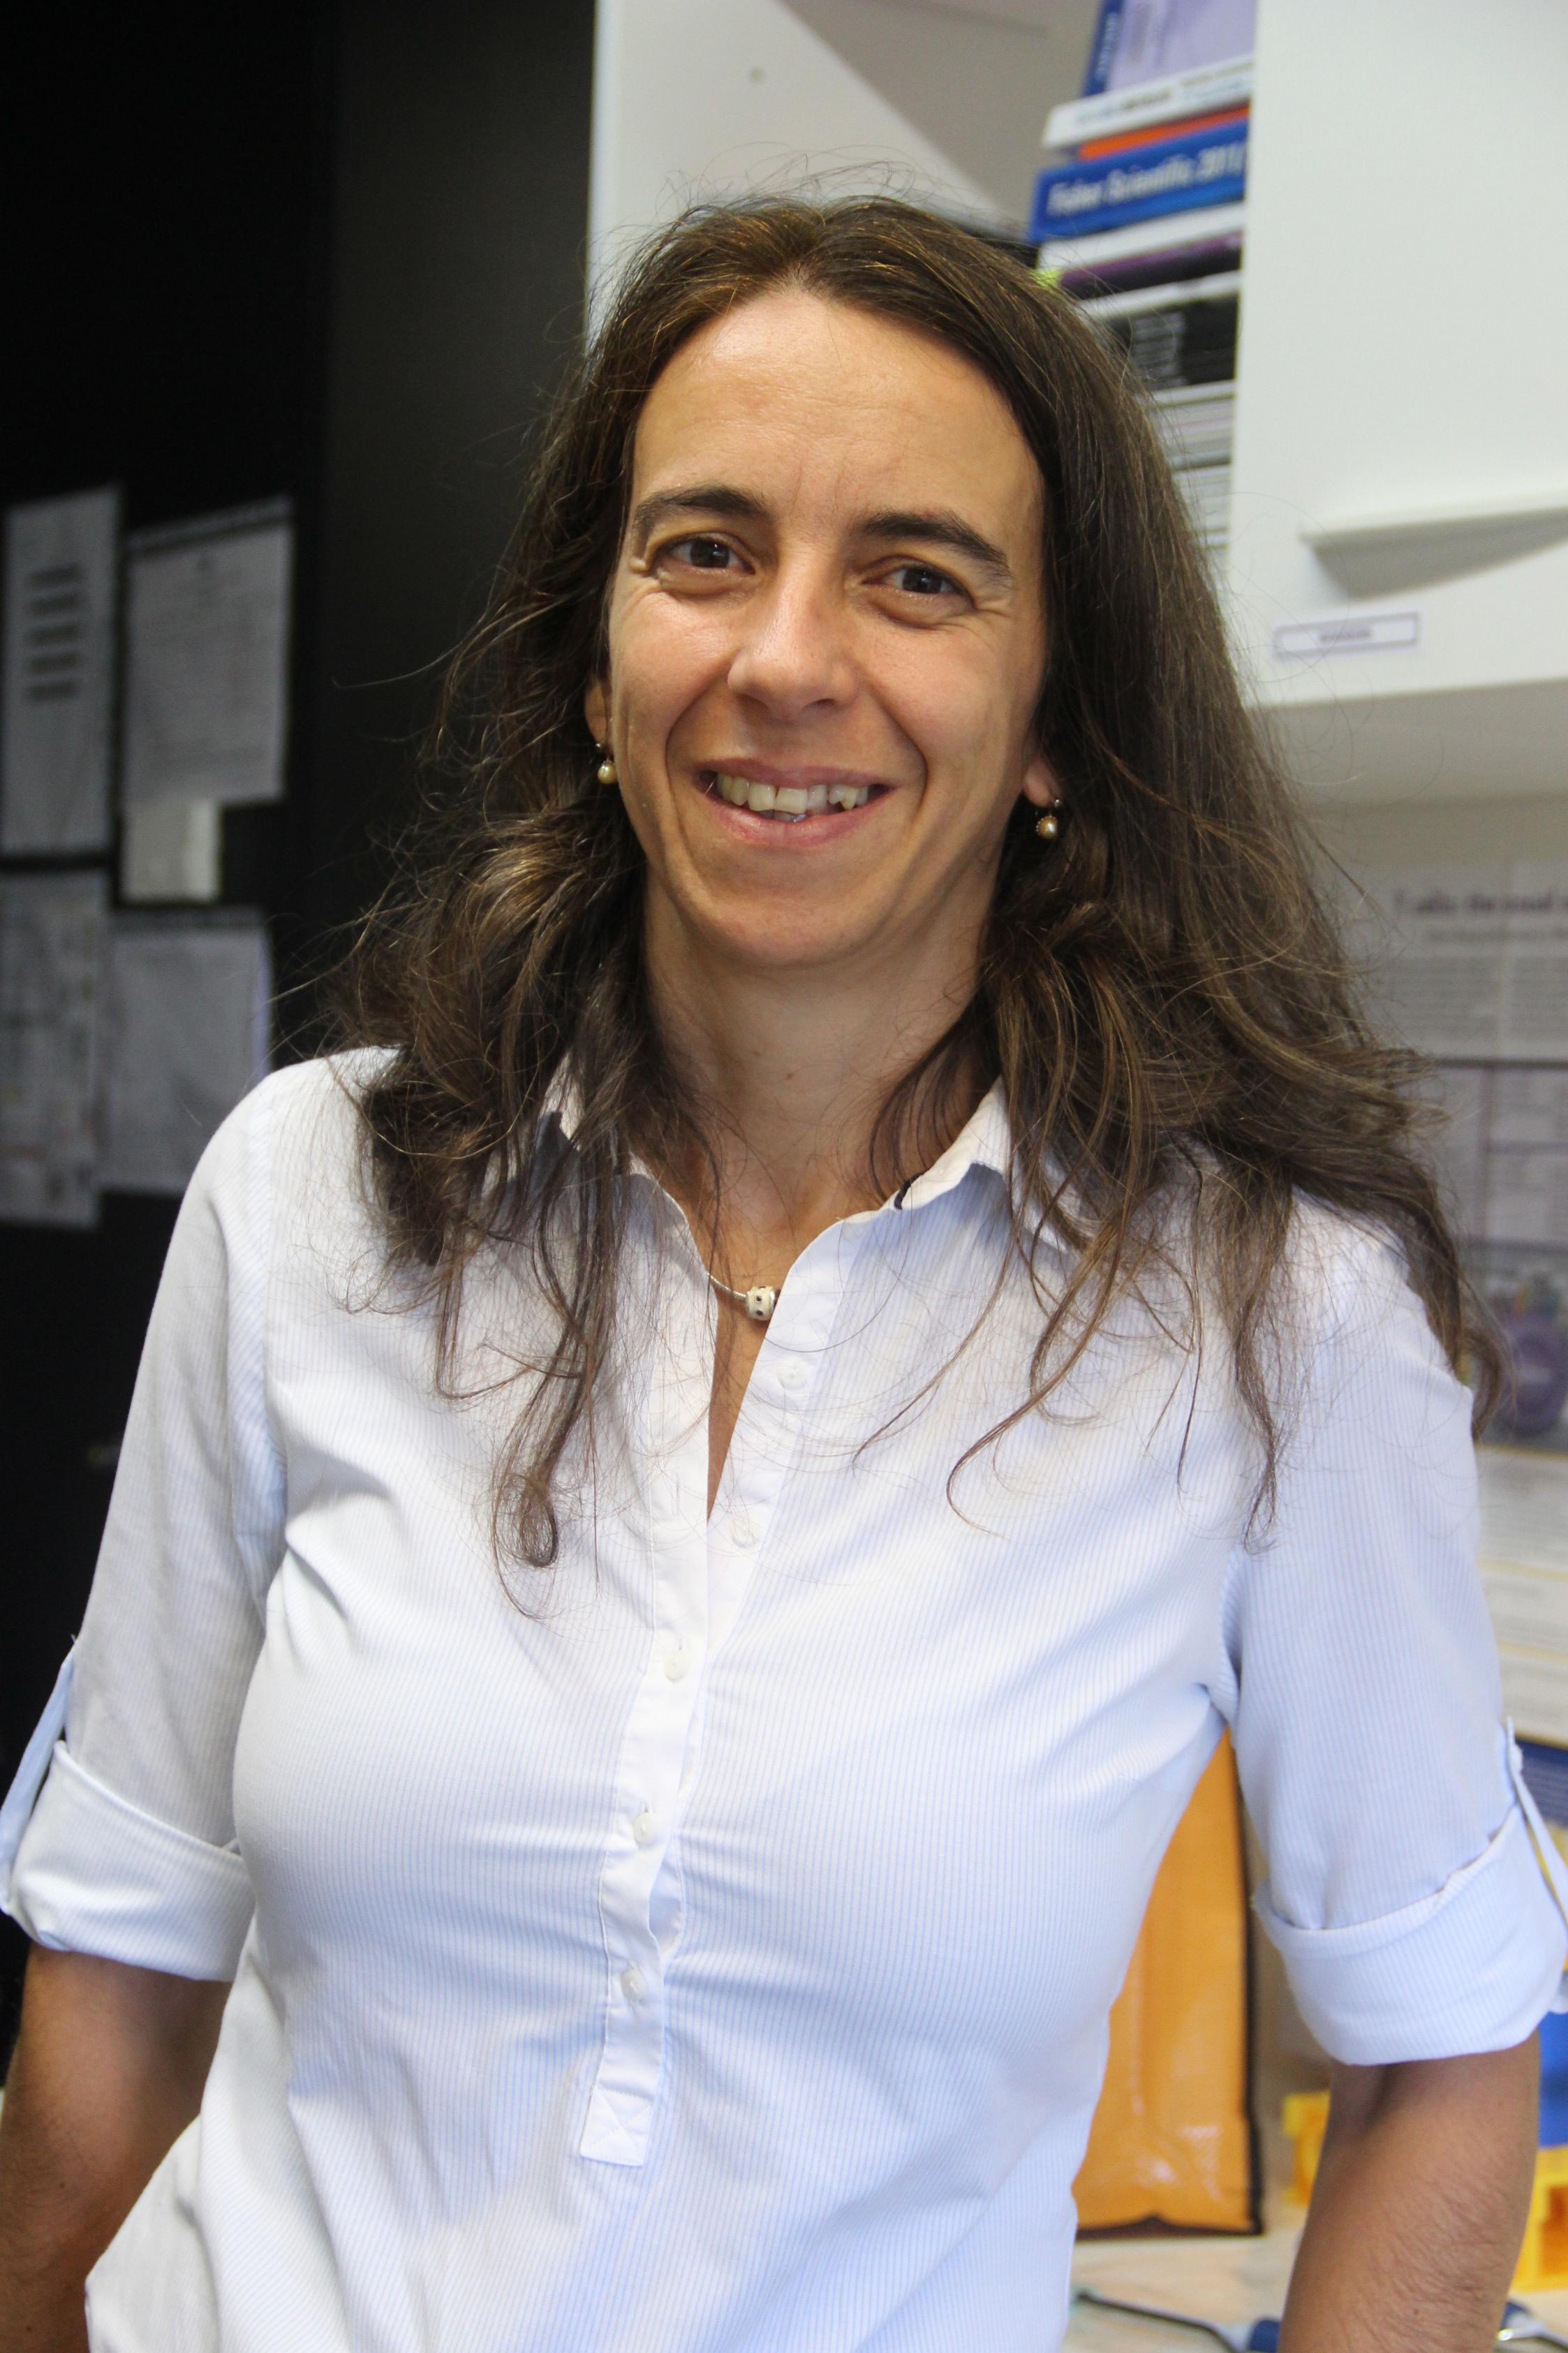 Olga Borges, Centro de Neurociências e Biologia Celular (CNC) e da Faculdade de Farmácia da Universidade de Coimbra